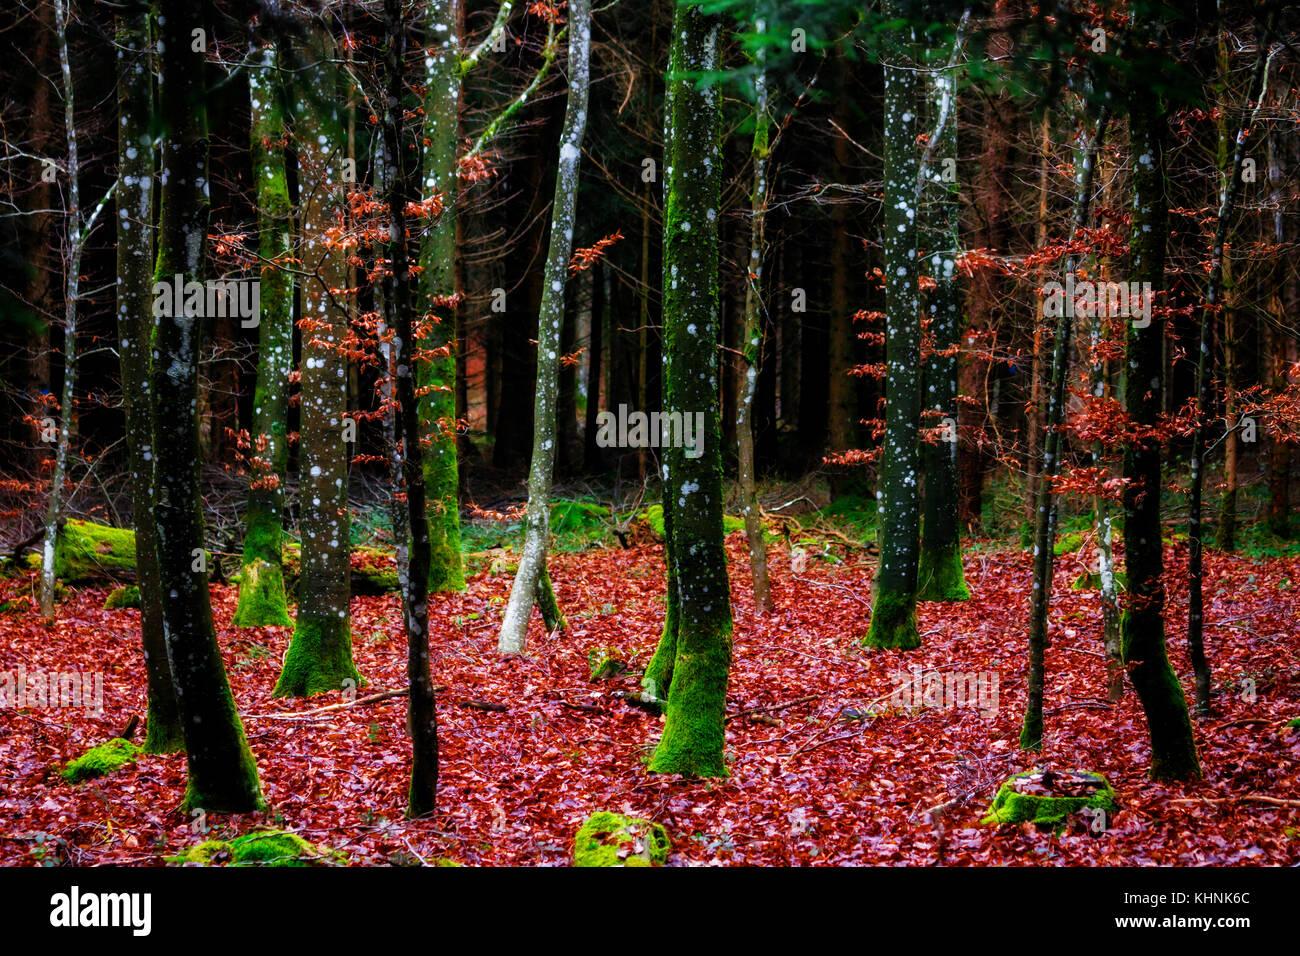 Colori d'autunno foresta. stagionali, concetto pacifica. contrasto di colori vivaci. Immagini Stock